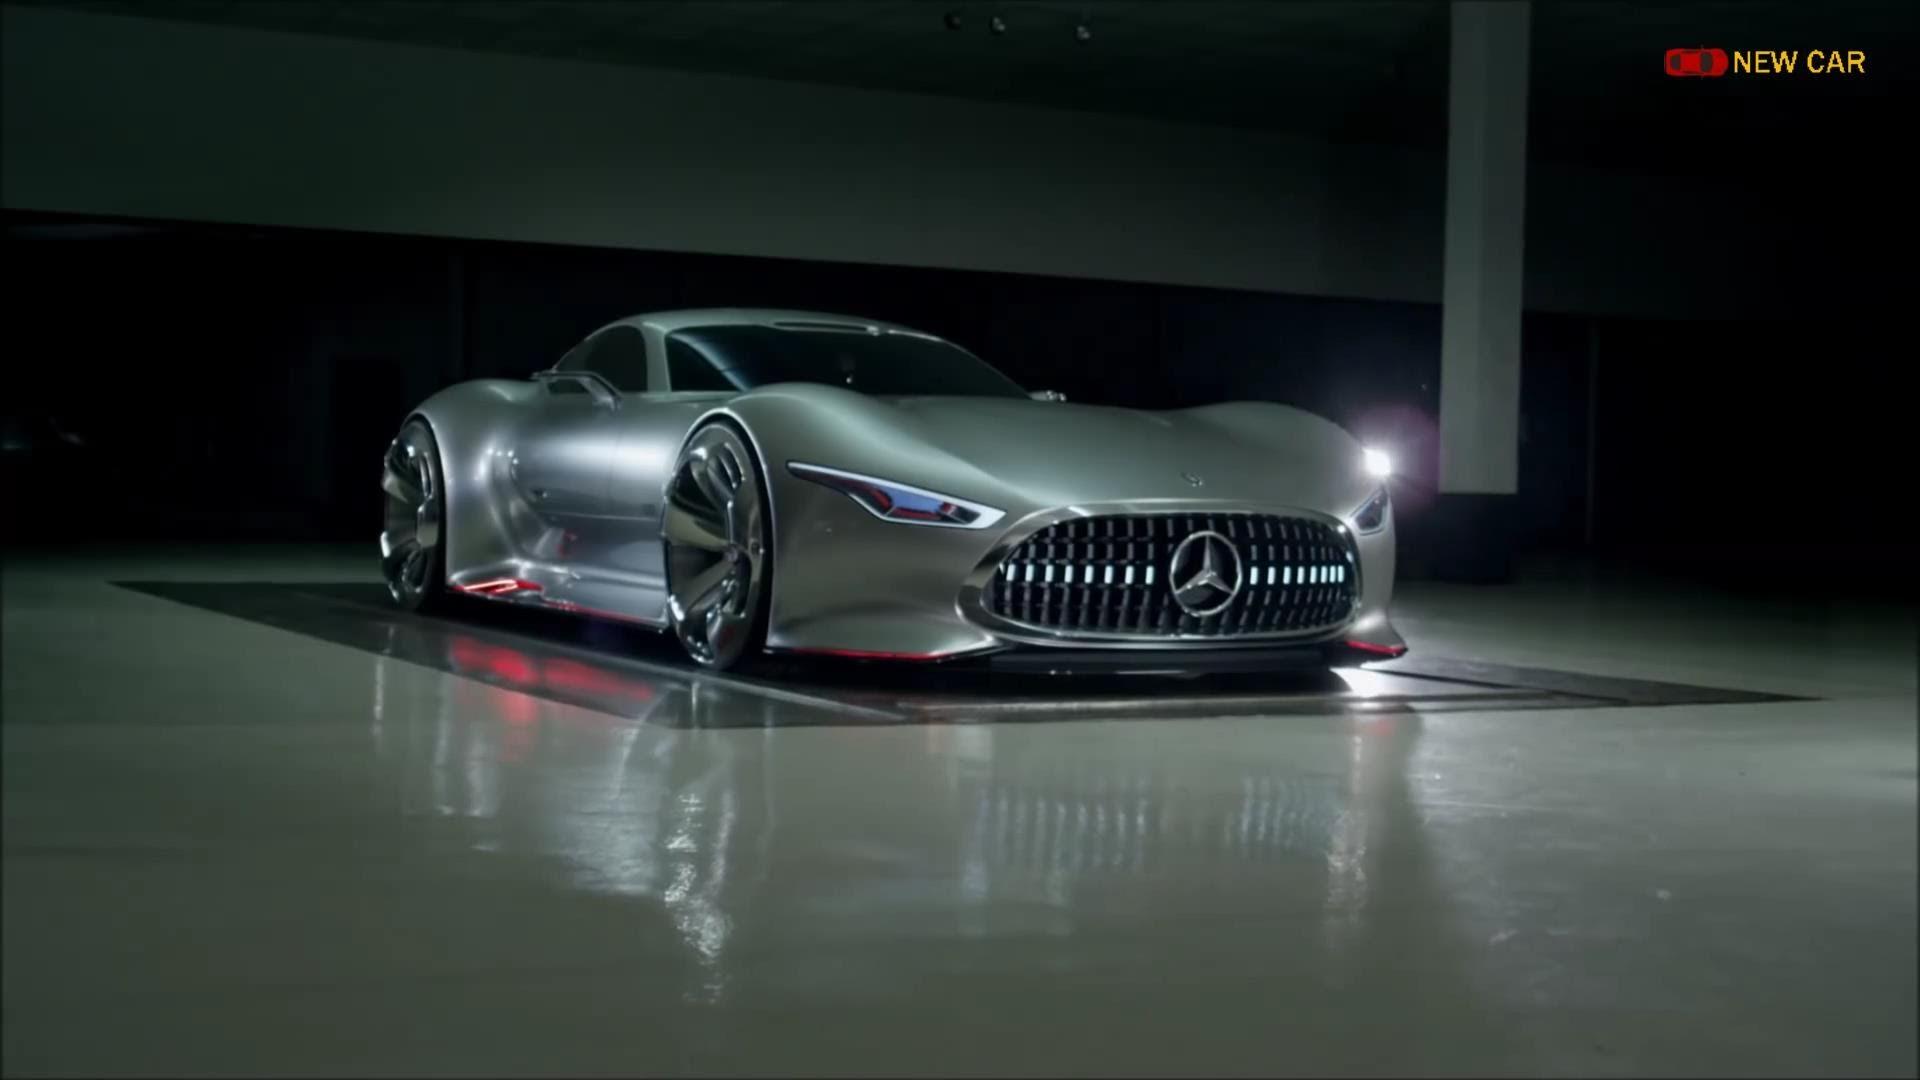 2015 Mercedes Benz AMG Vision Gran Turismo   Concept Car 1920x1080